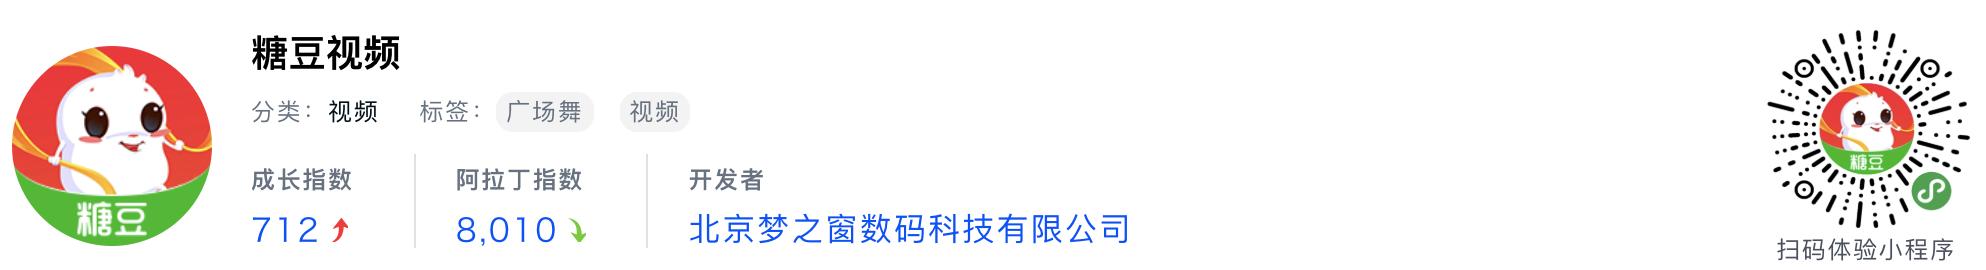 WeChatミニプログラム最新ランキングTOP20【2019年6月版】15位 :糖豆视频